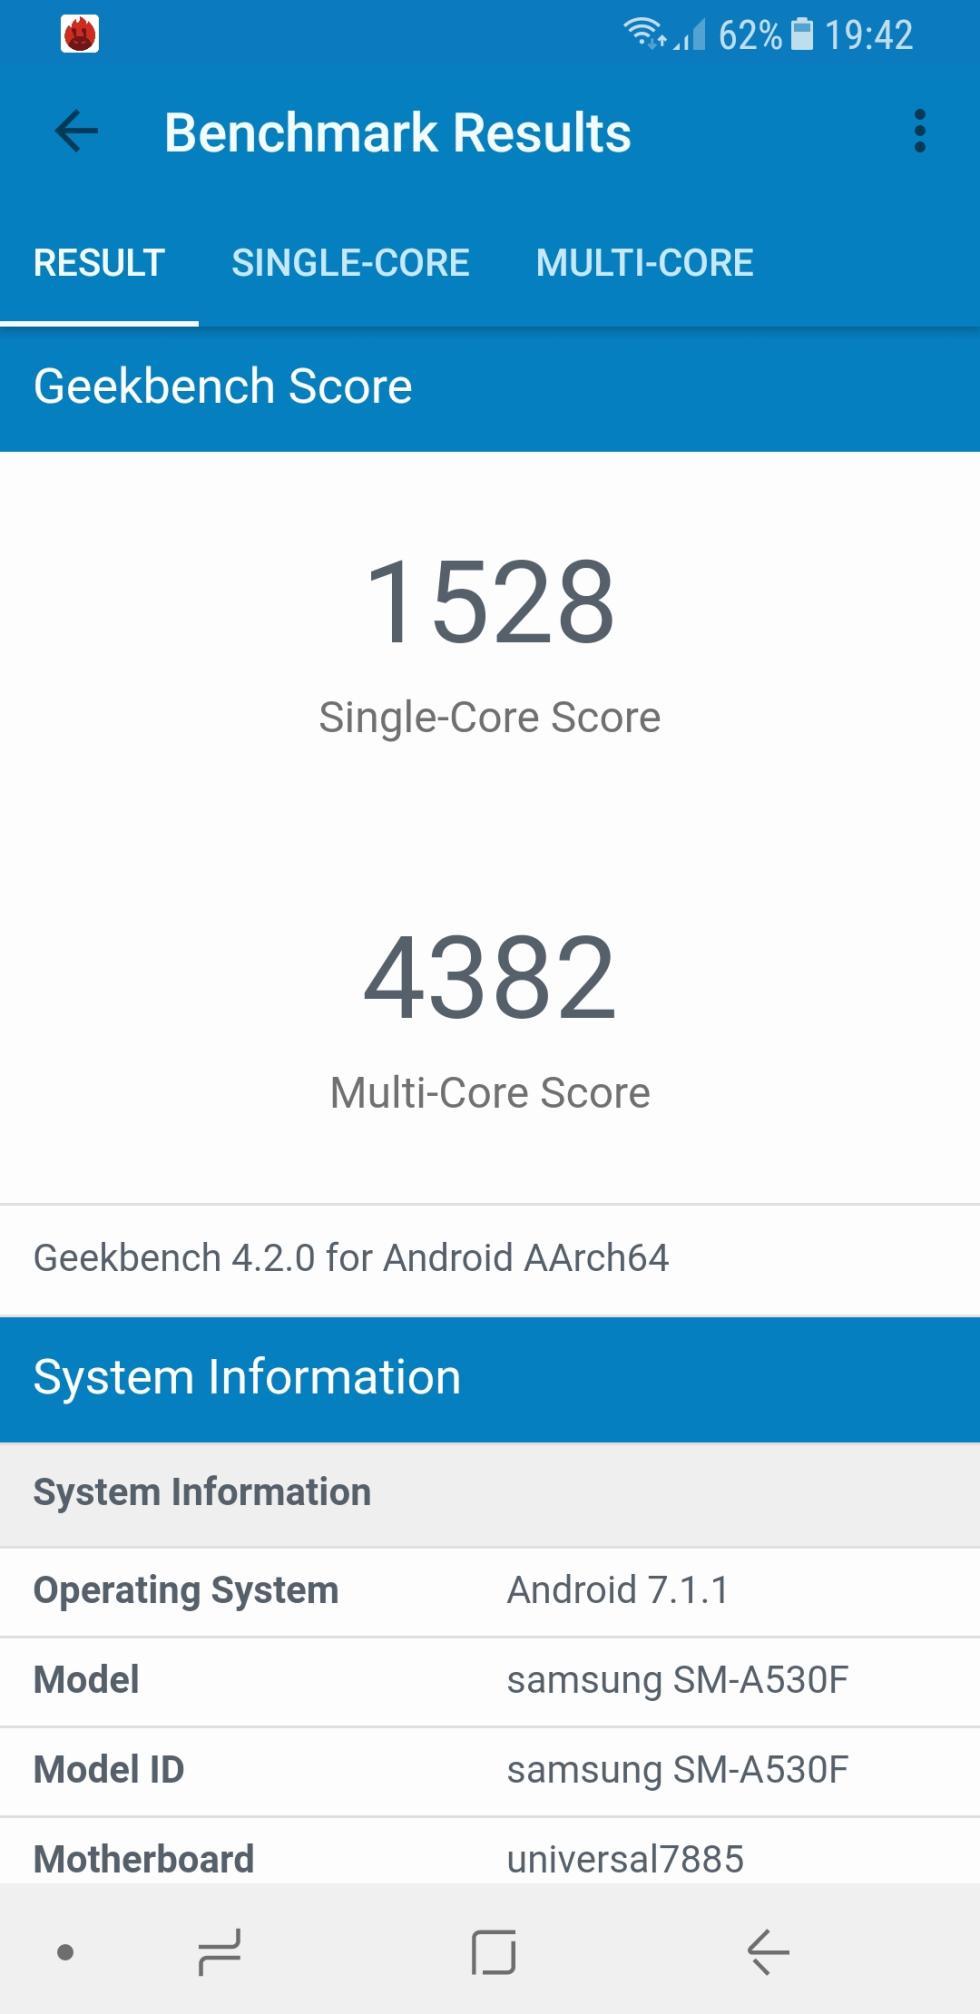 Galaxy A8 (2018) - pruebas de rendimiento